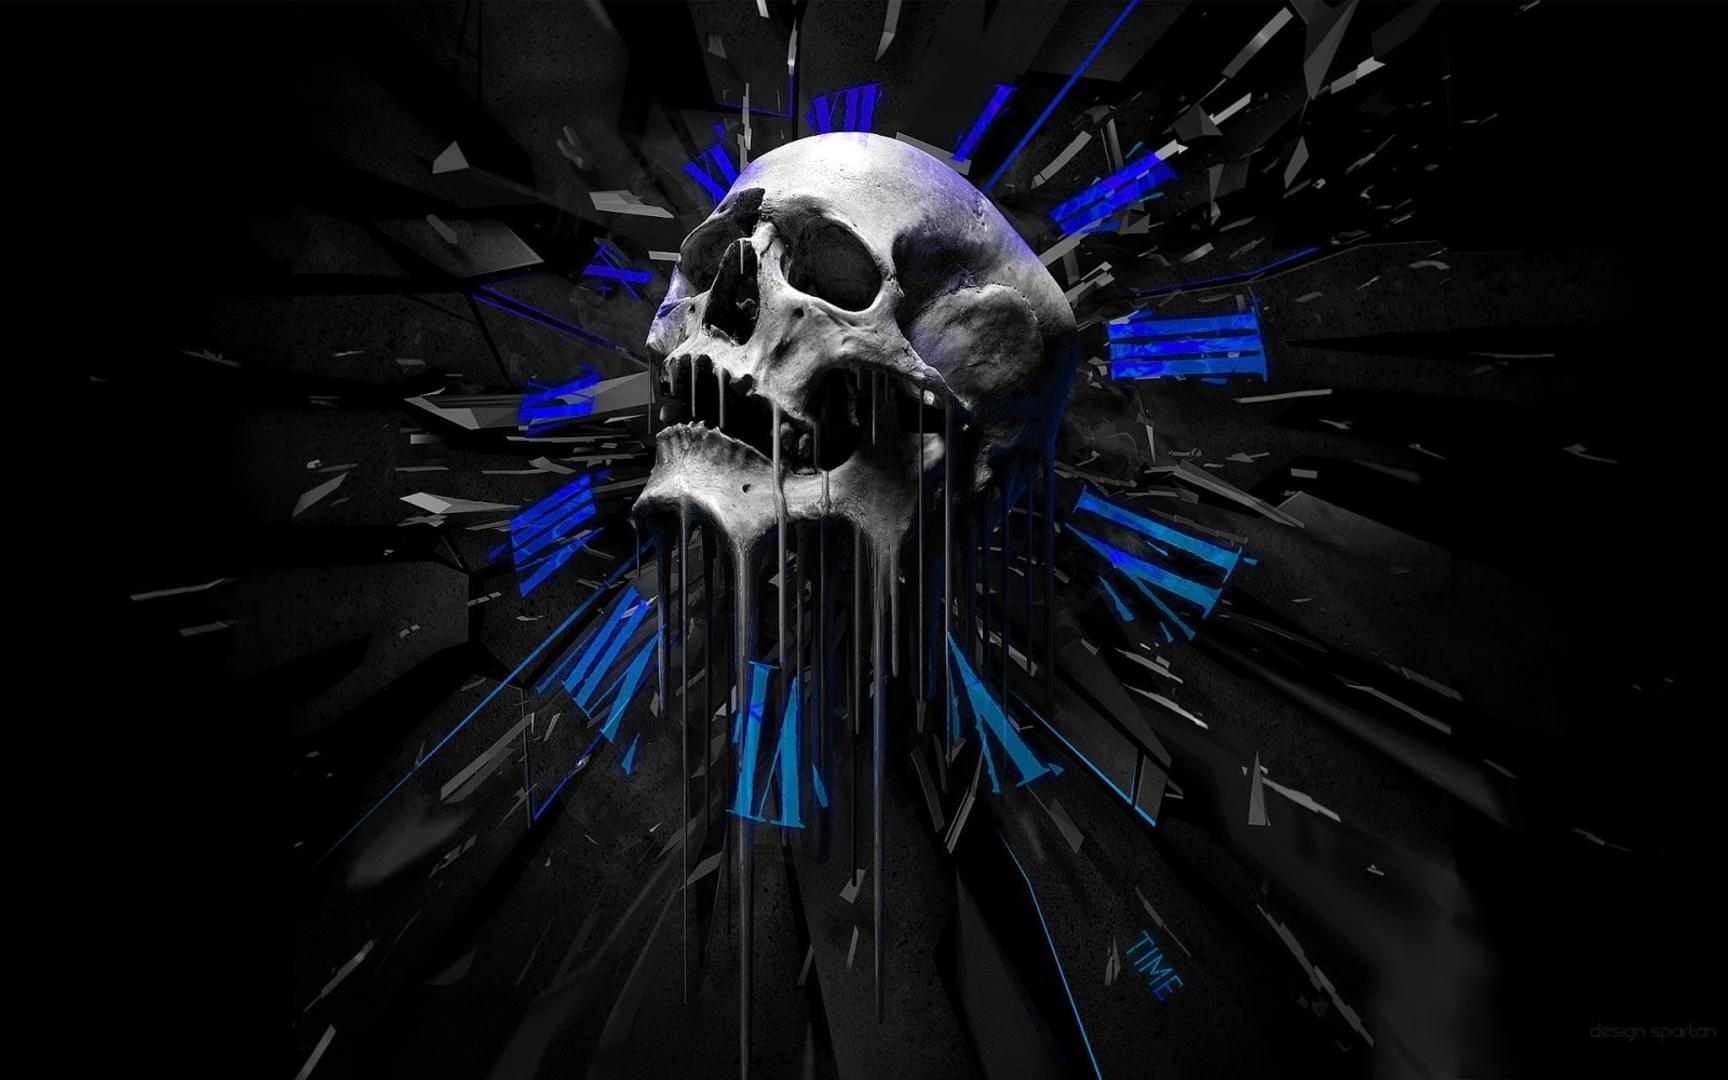 Skull Wallpaper HD Picutures Freetopwallpapercom 1728x1080